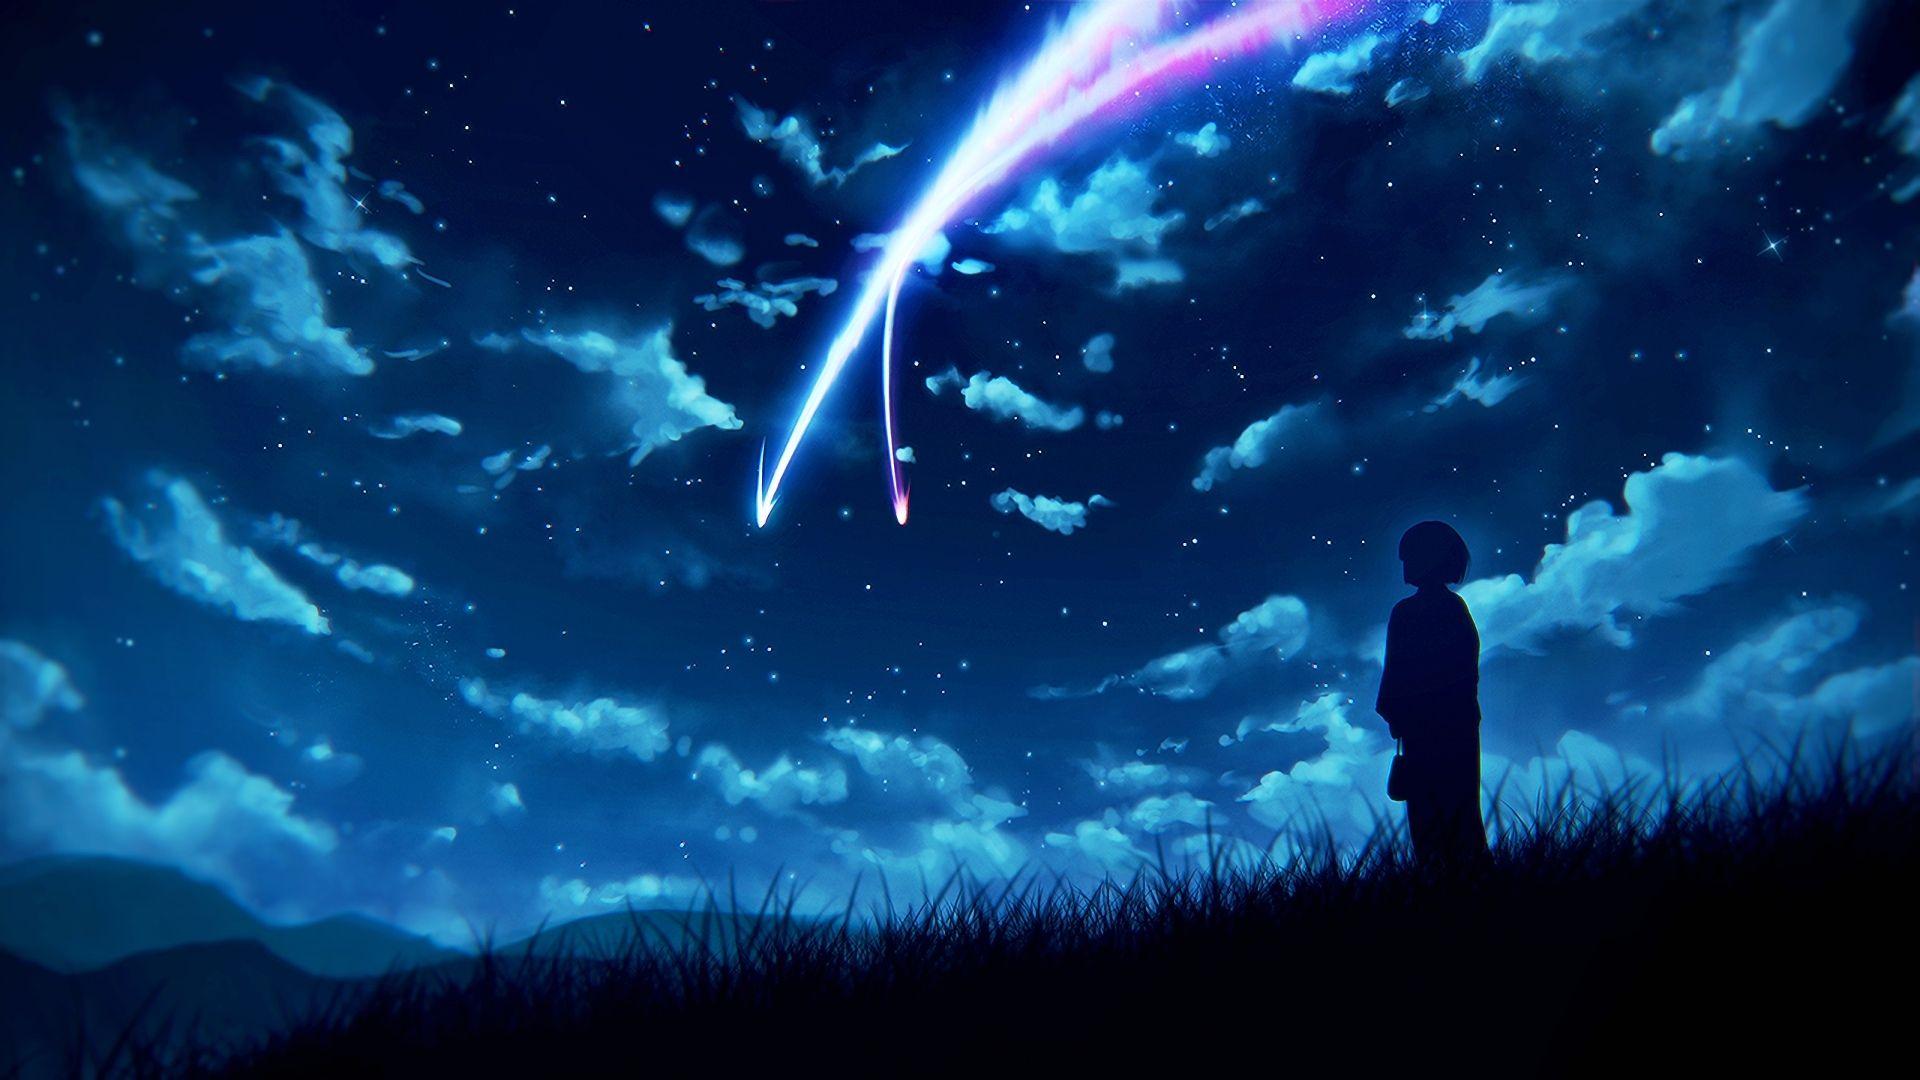 Anime Your Name Mitsuha Miyamizu Kimi No Na Wa Wallpaper Kimi No Na Wa Wallpaper Anime Scenery Scenery Wallpaper